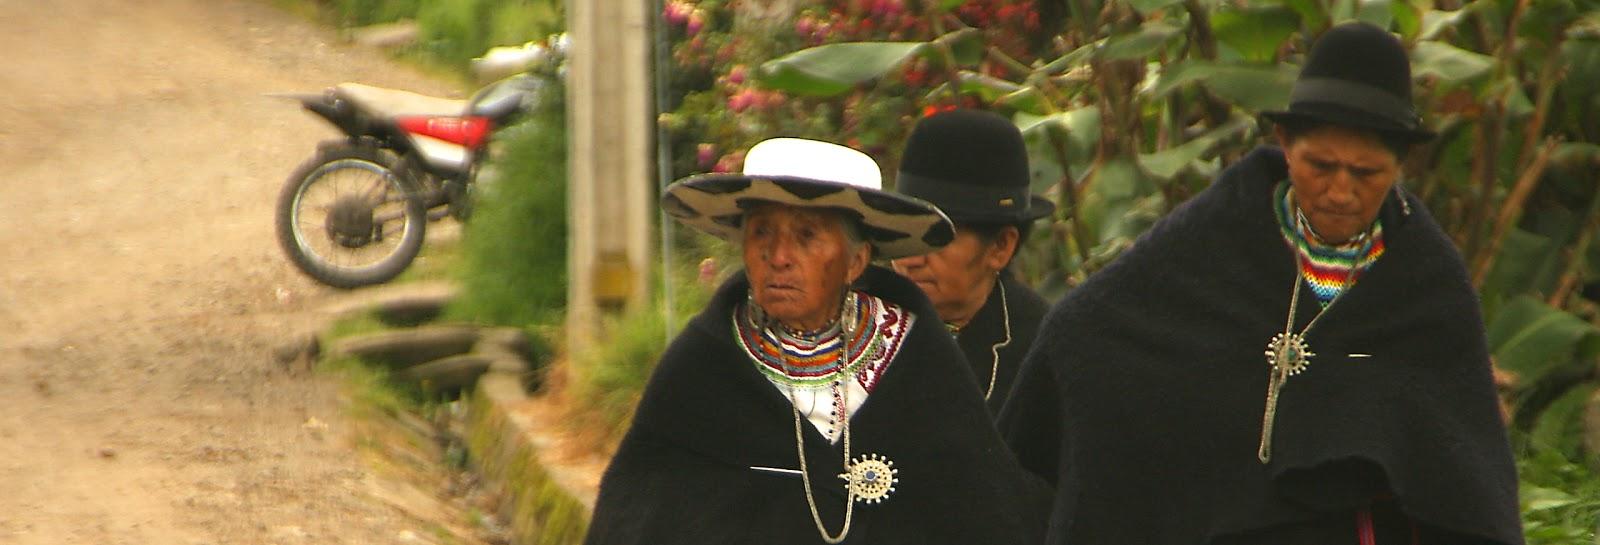 VIAJES BARATOS POR ECUADOR: Saraguro (Viaje a Loja y sus